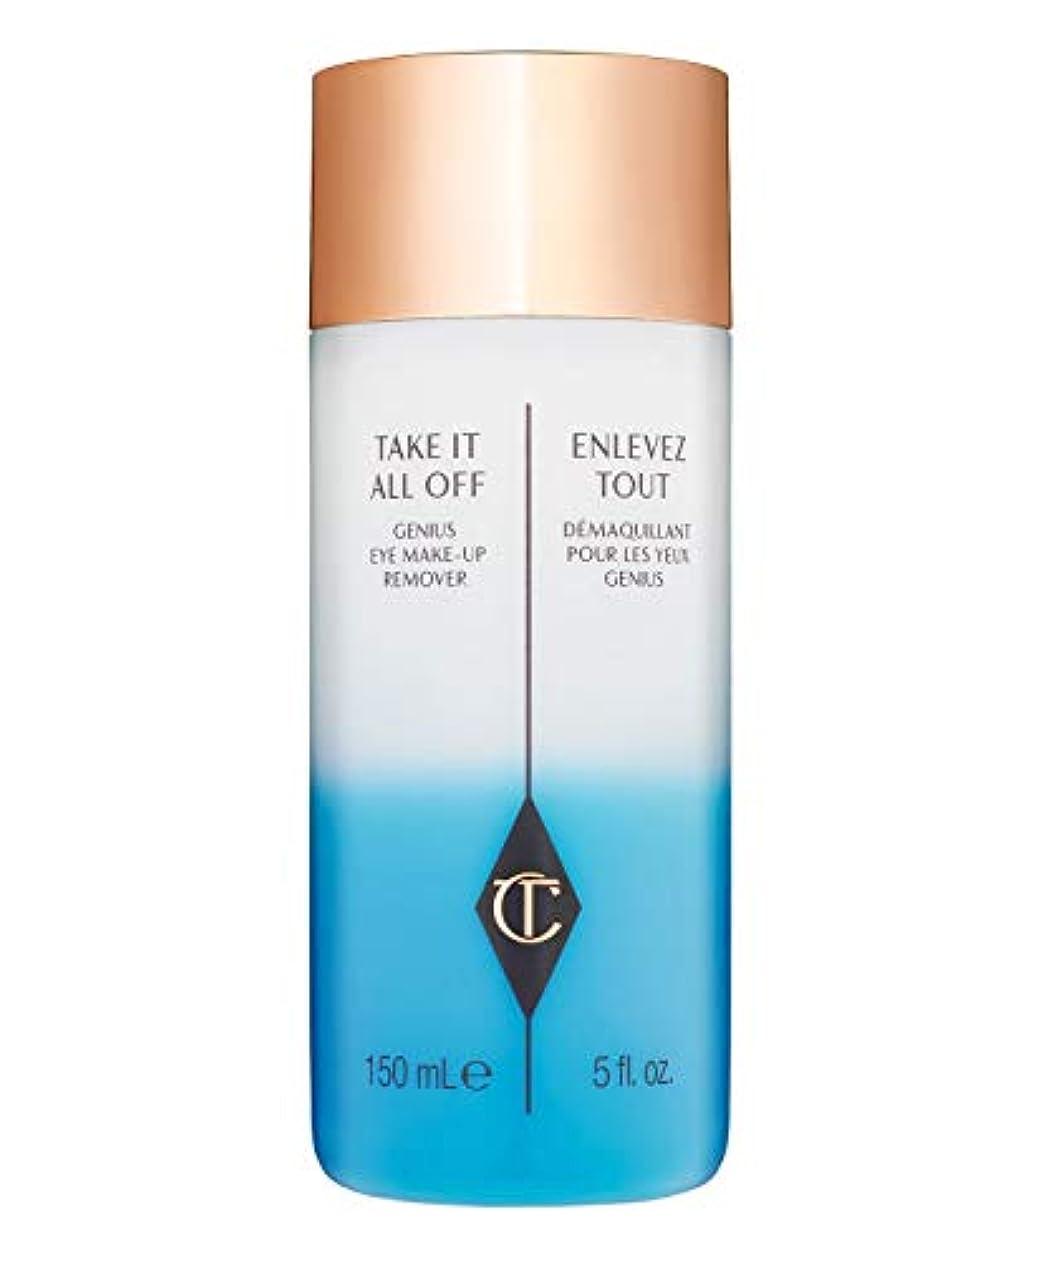 大佐建物申し込むCharlotte Tilbury Take It All Off Genius Eye Make-up Remover 150ml シャーロットティルバリー